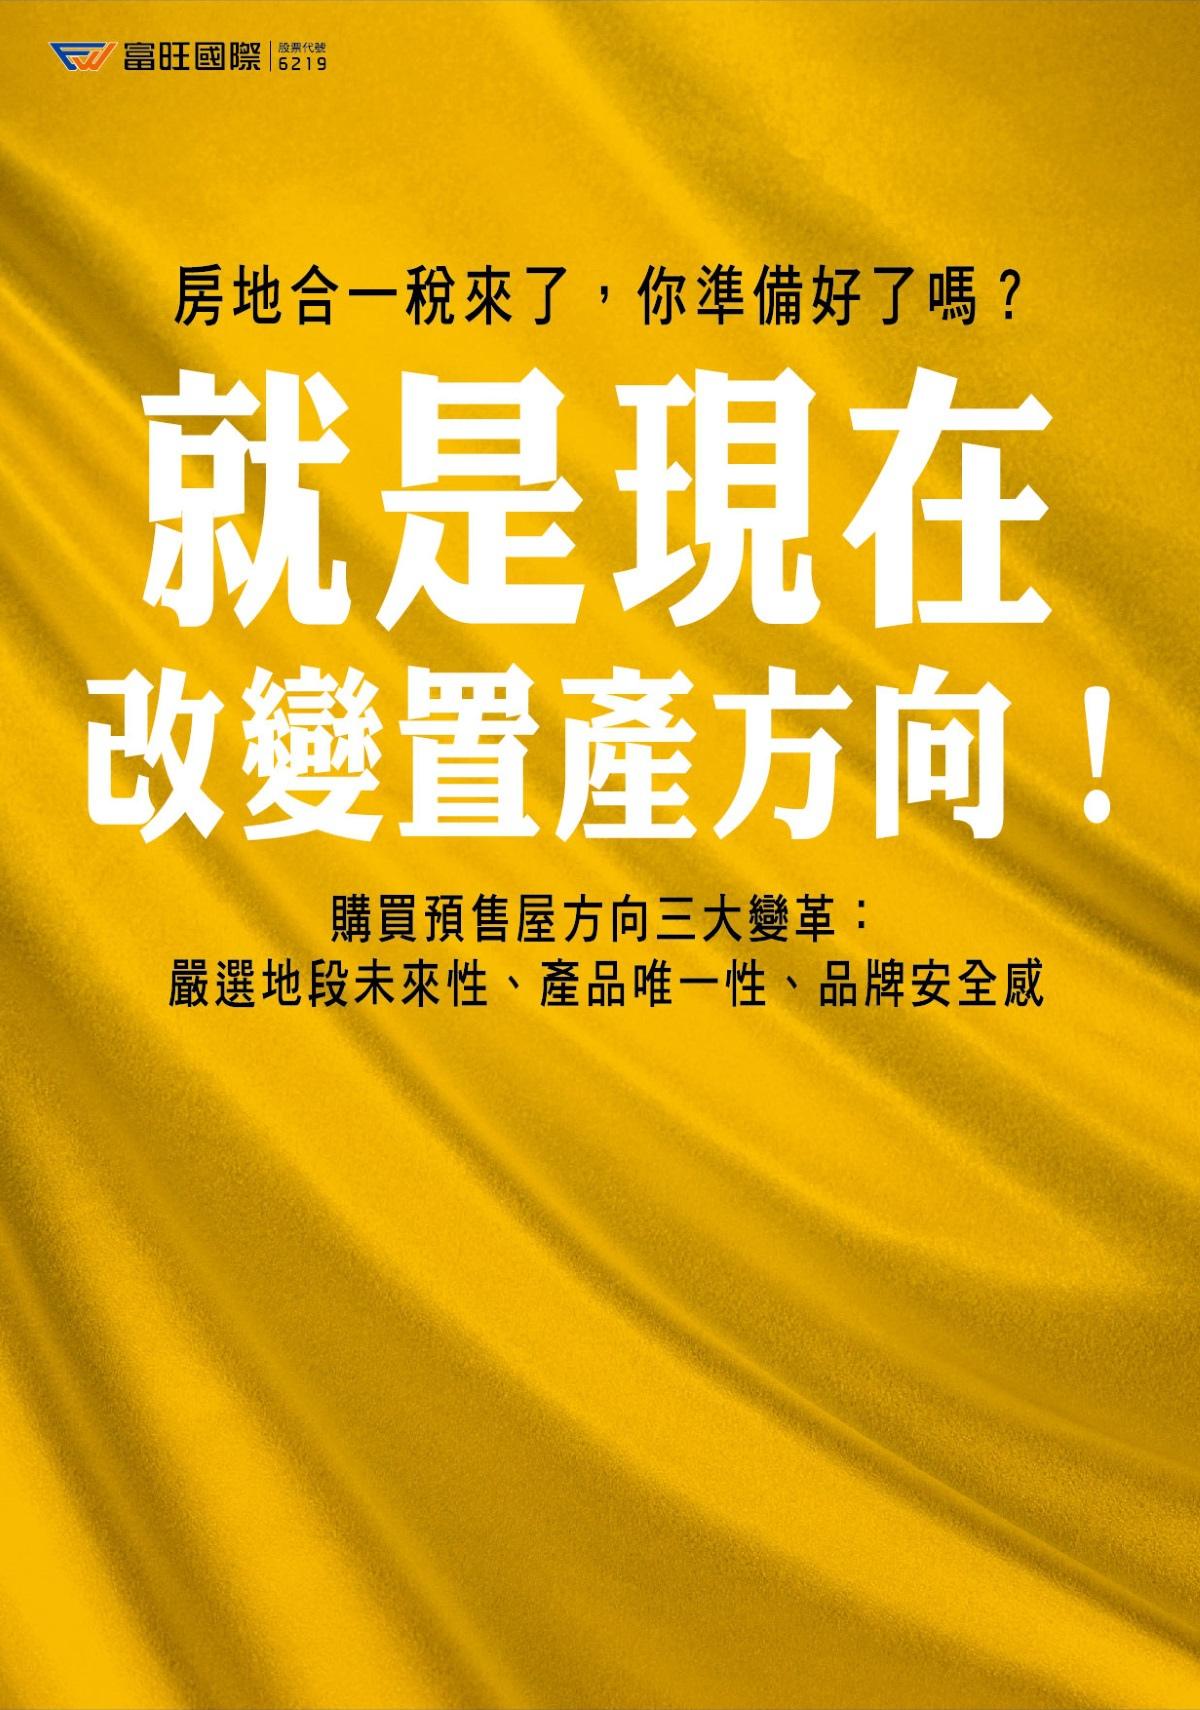 [烏日高鐵] 富旺.世界之翼(大樓)2015-07-14 001